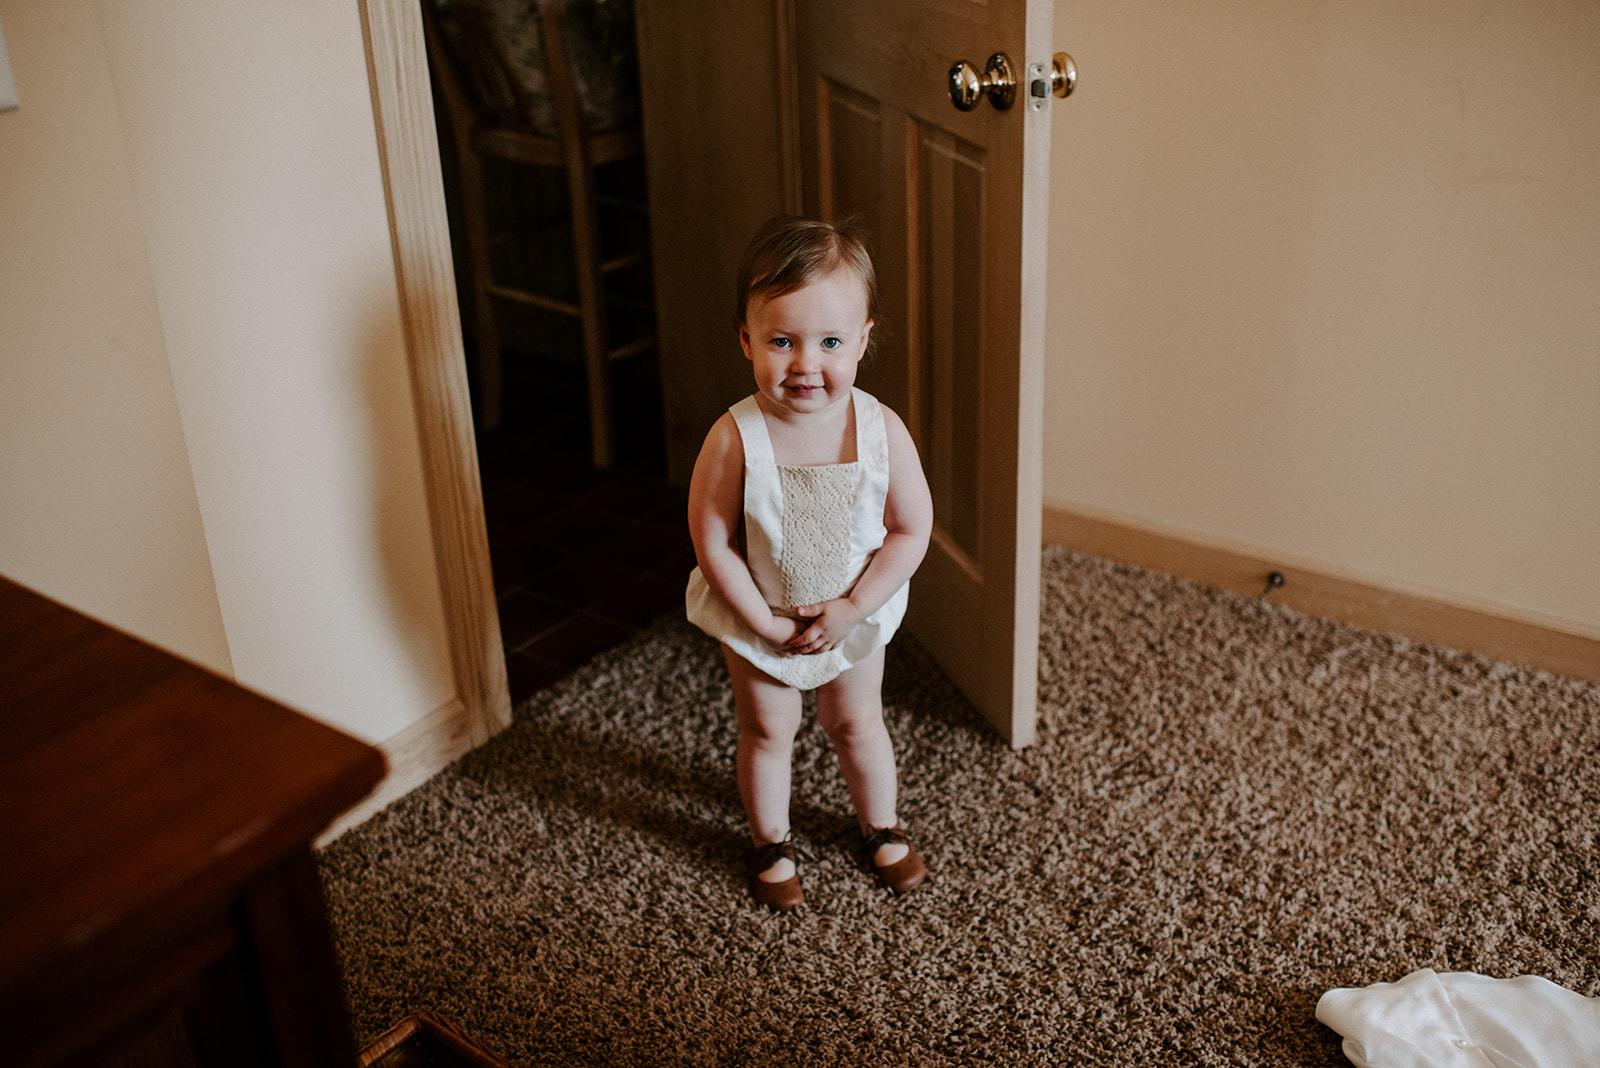 Flower girl attire: Nashville wedding featured on Nashville Bride Guide